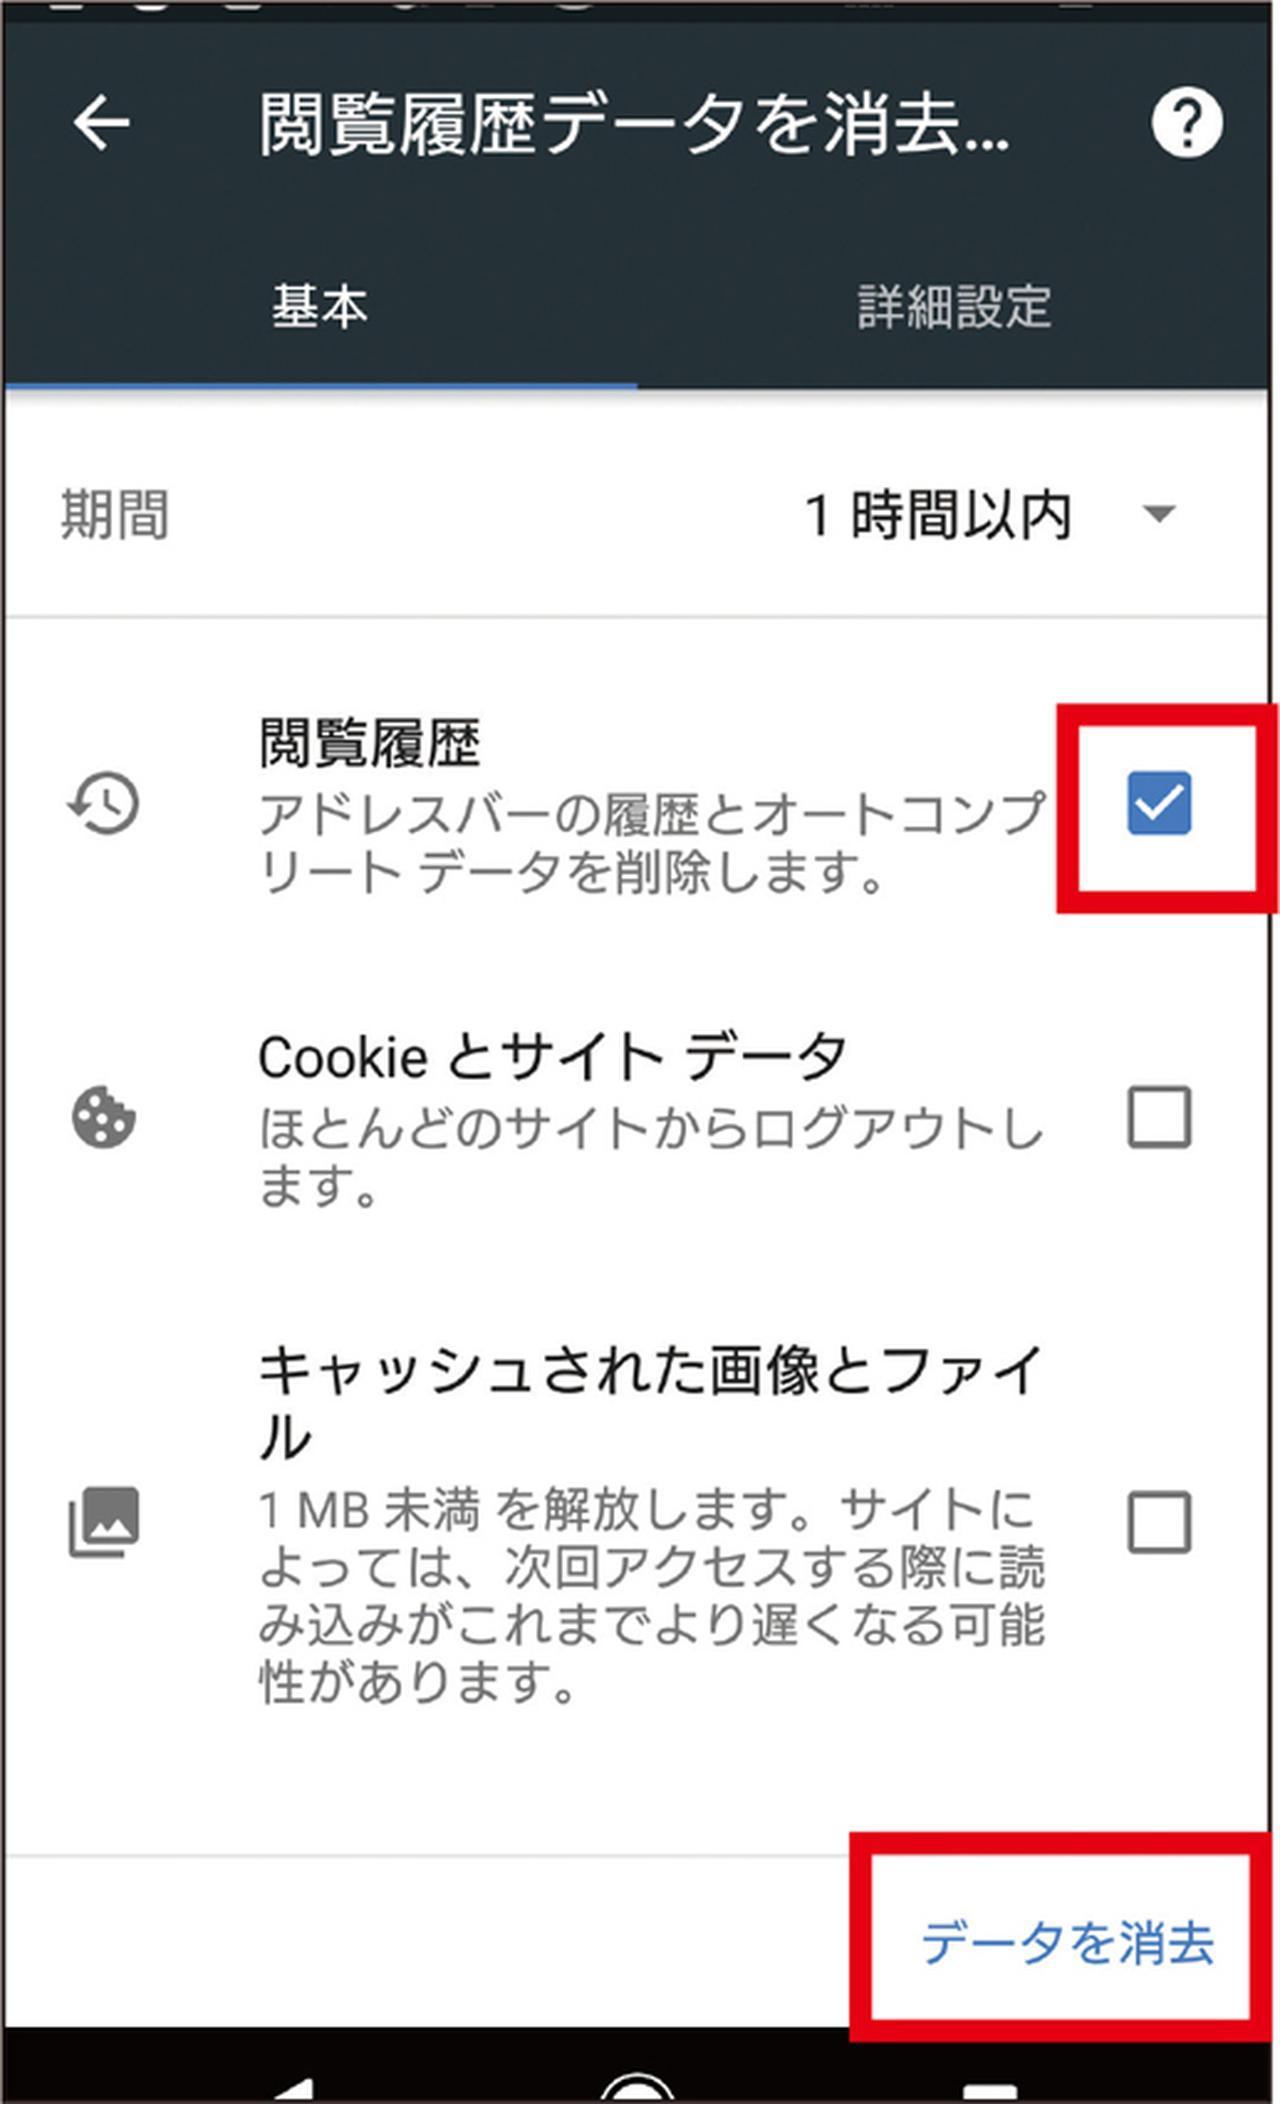 画像: 「Chrome」のメニューから履歴を開き、「履歴データを削除」を選択。閲覧履歴だけを消したい場合は、そのほかのチェックを外して「データを消去」をタップ。